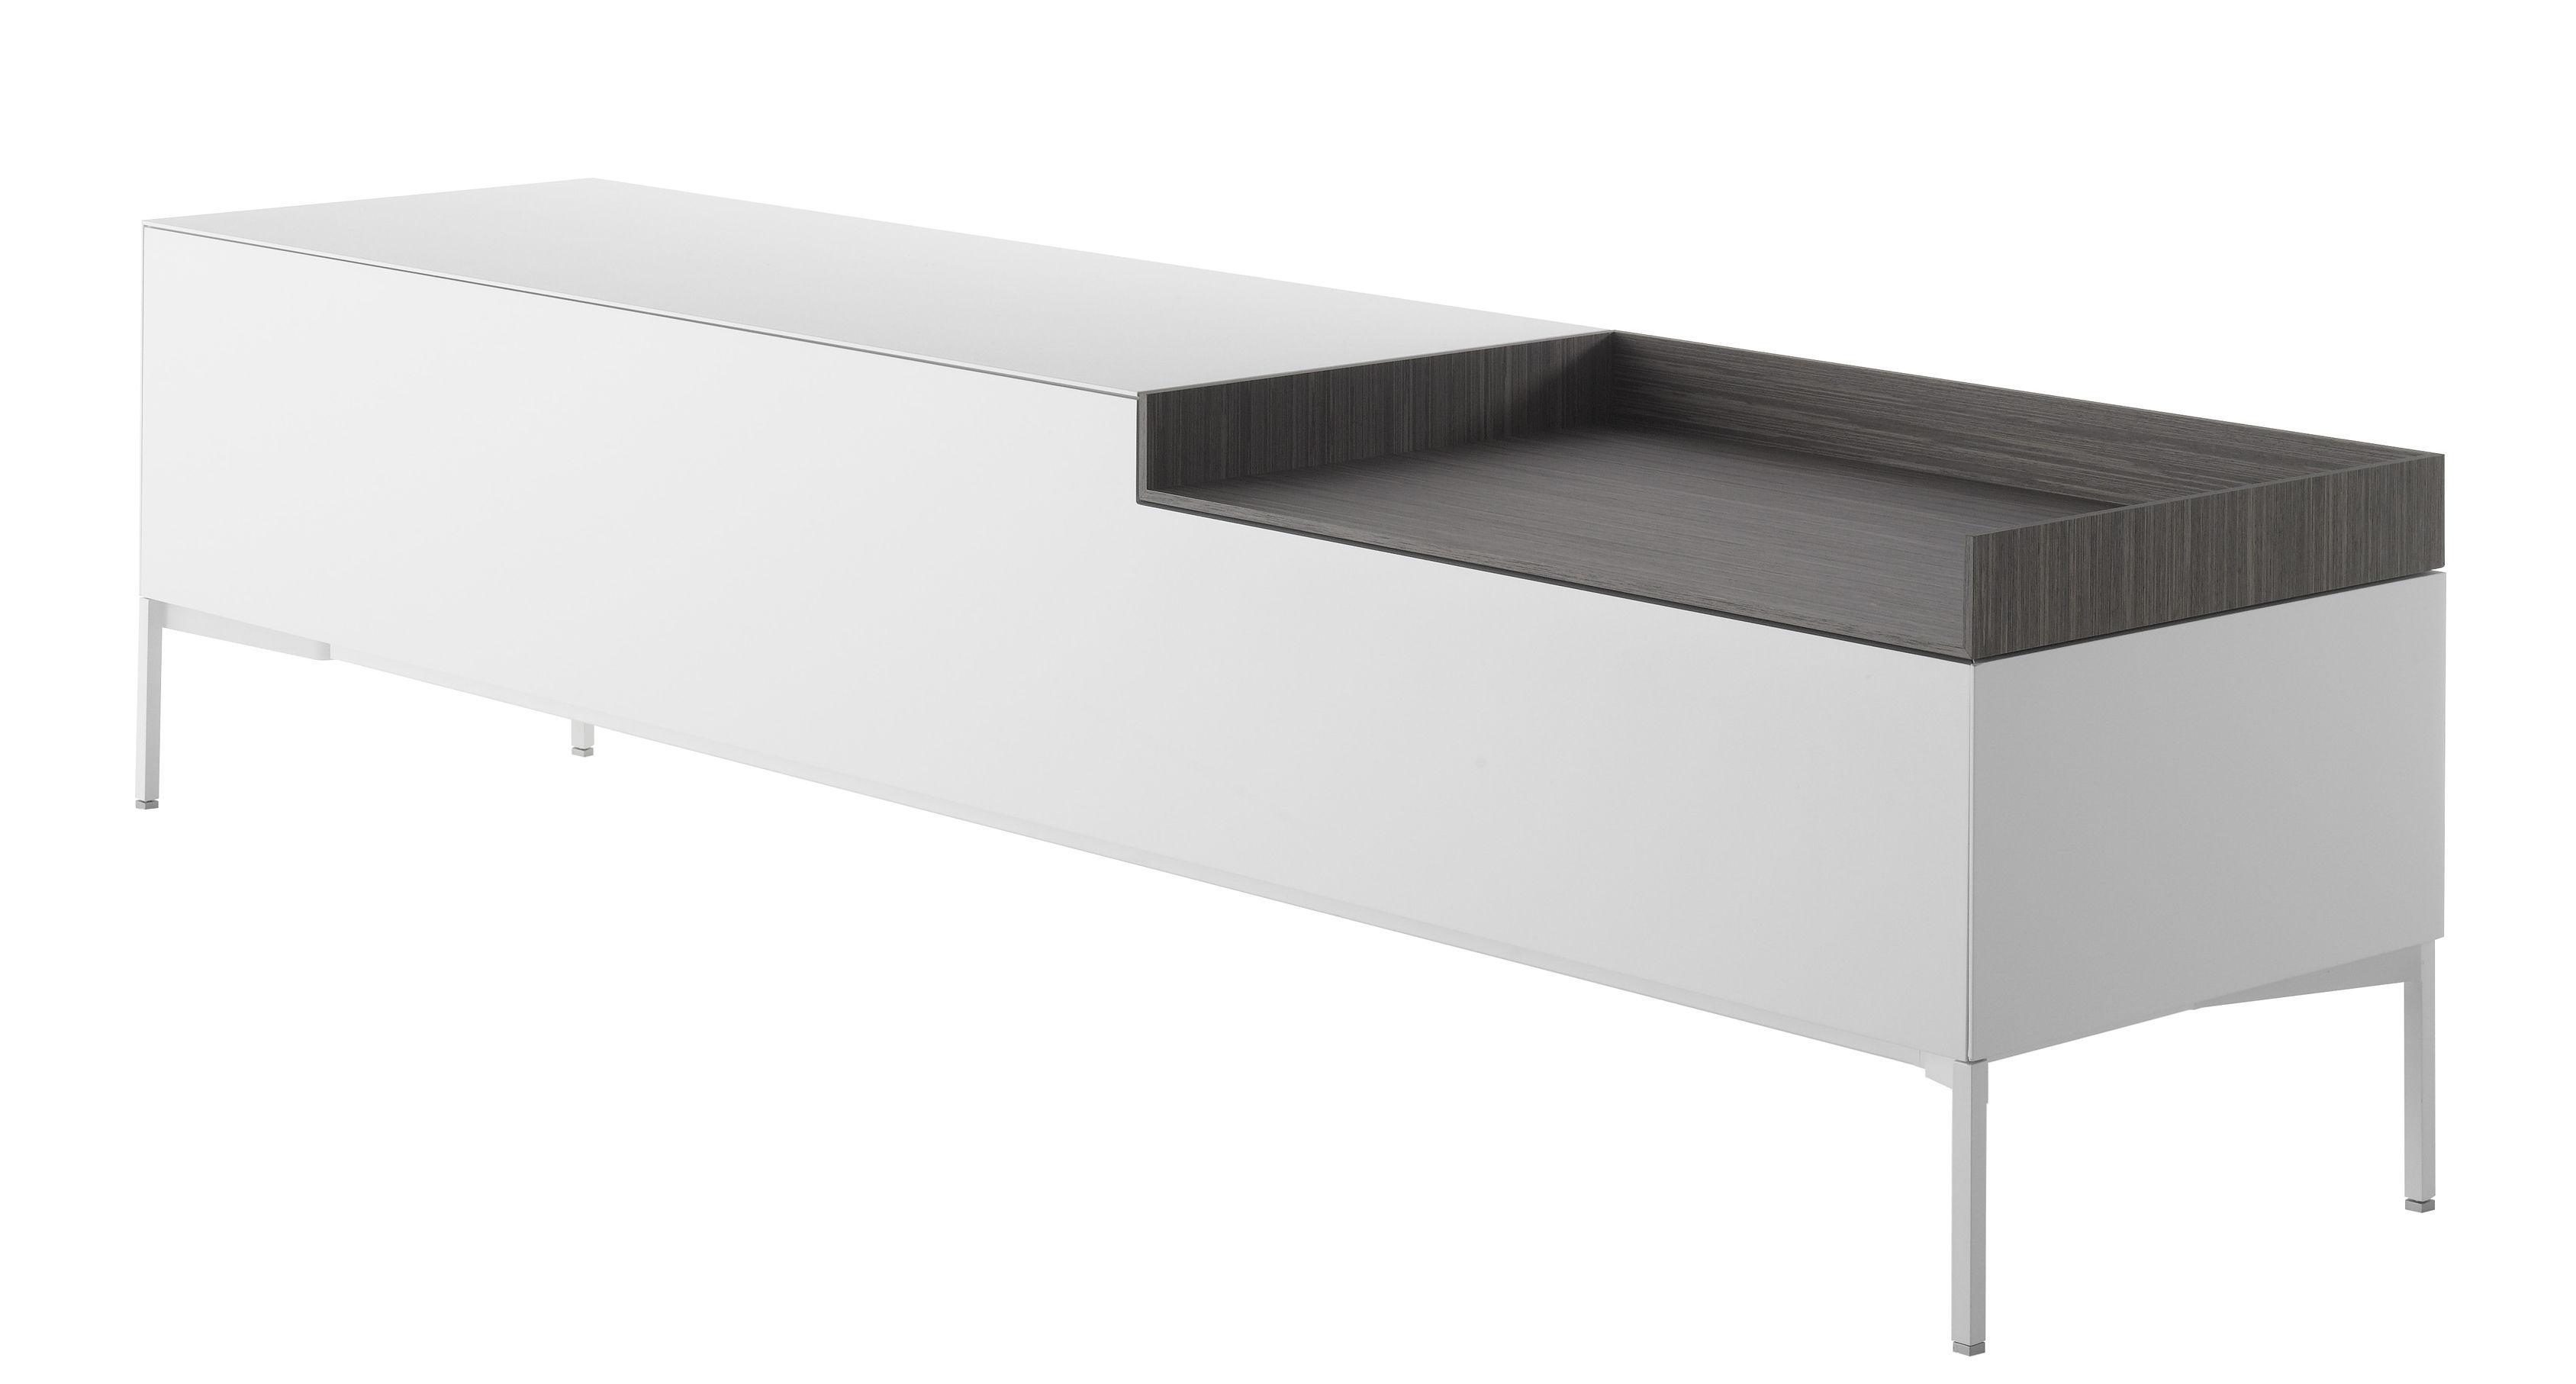 Möbel - Kommode und Anrichte - Inmotion Anrichte / L 203 cm - 4 Beine - MDF Italia - 4 Beine / weiß & grau - Bois multiplis, Holzfaserplatte